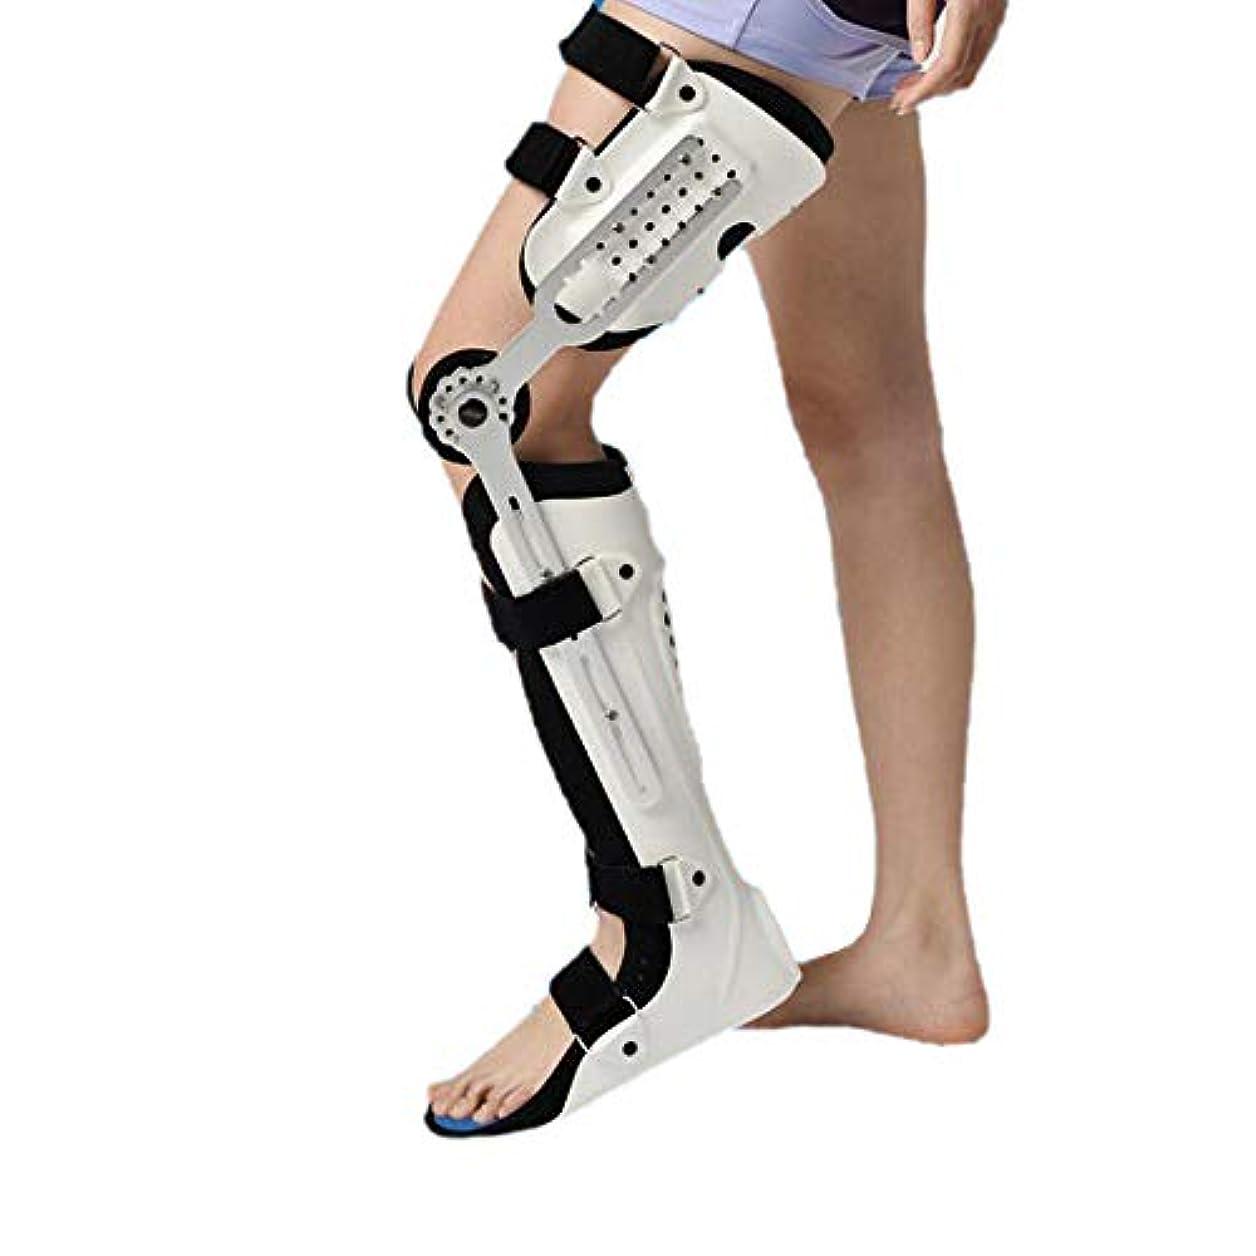 好意的熟す適応膝足首足用装具、調整可能な膝足首装具固定硬い太もも膝関節足首足裏と足首固定具